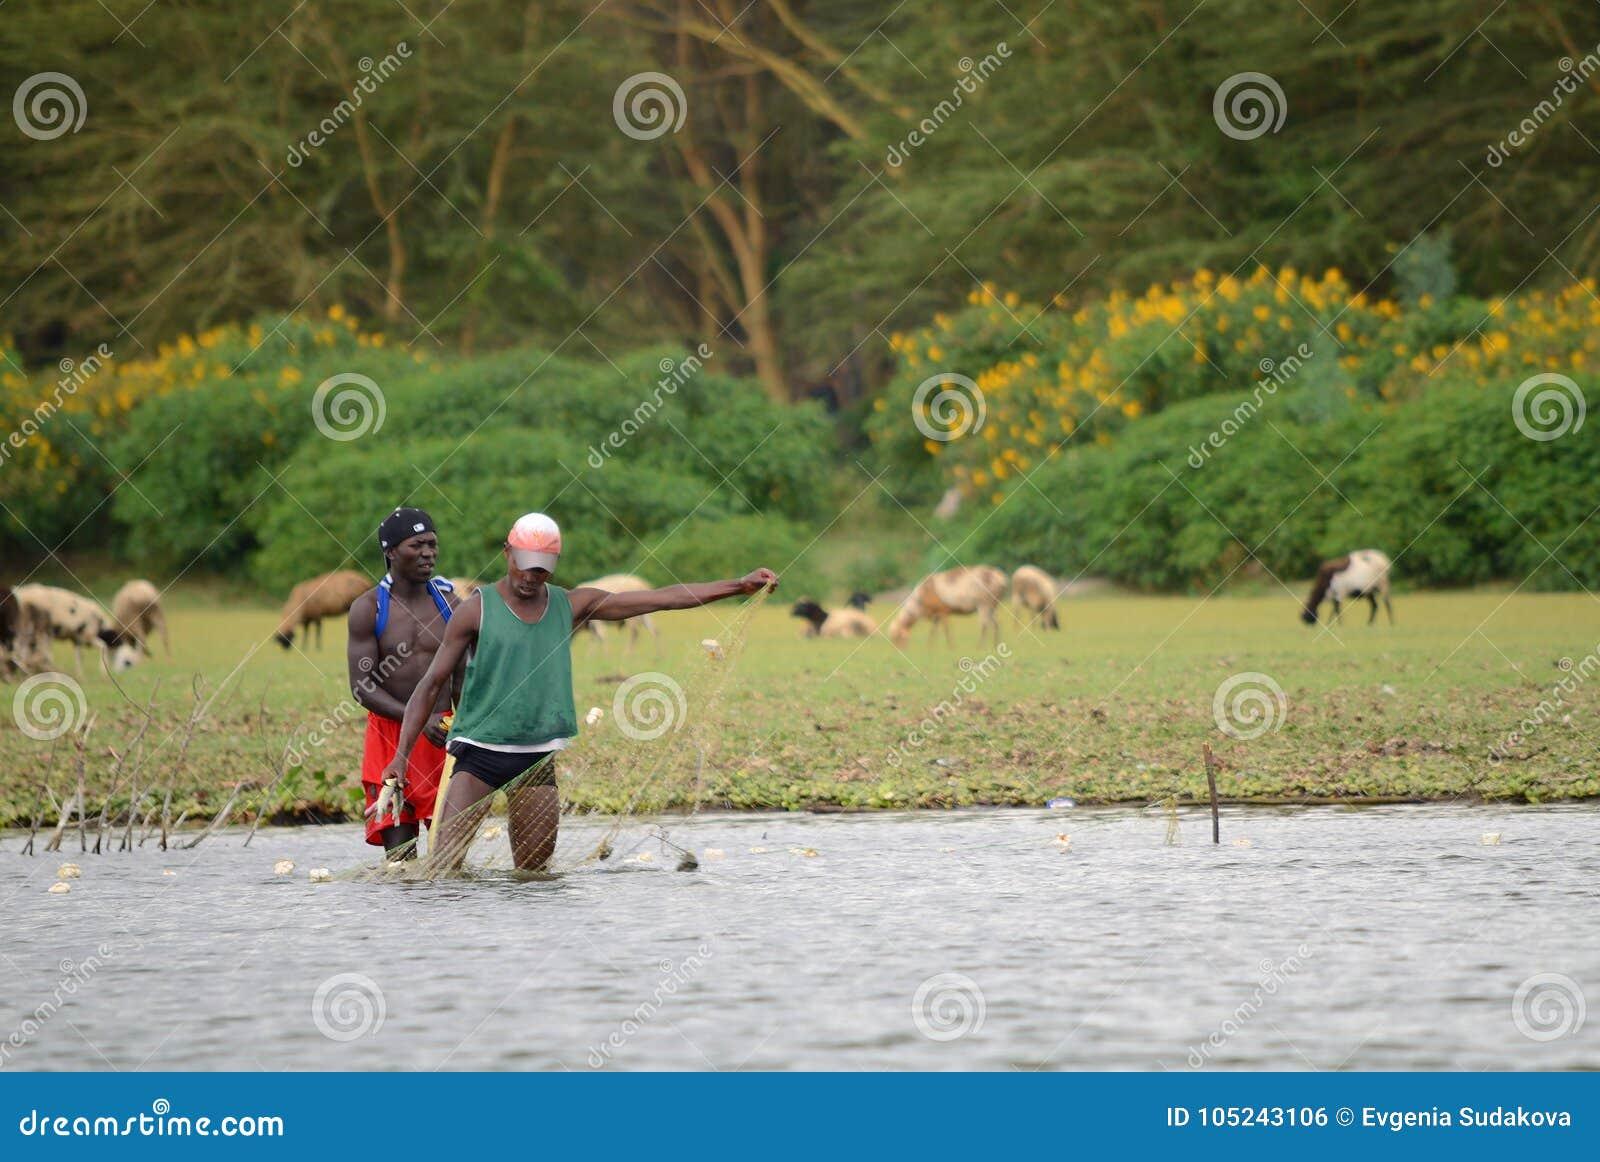 JINJA, UGANDA - CERCA DO OUTUBRO DE 2017: Dia a dia em Jinja Os jovens estão fazendo seus trabalhos do dia a dia no beira-rio O N